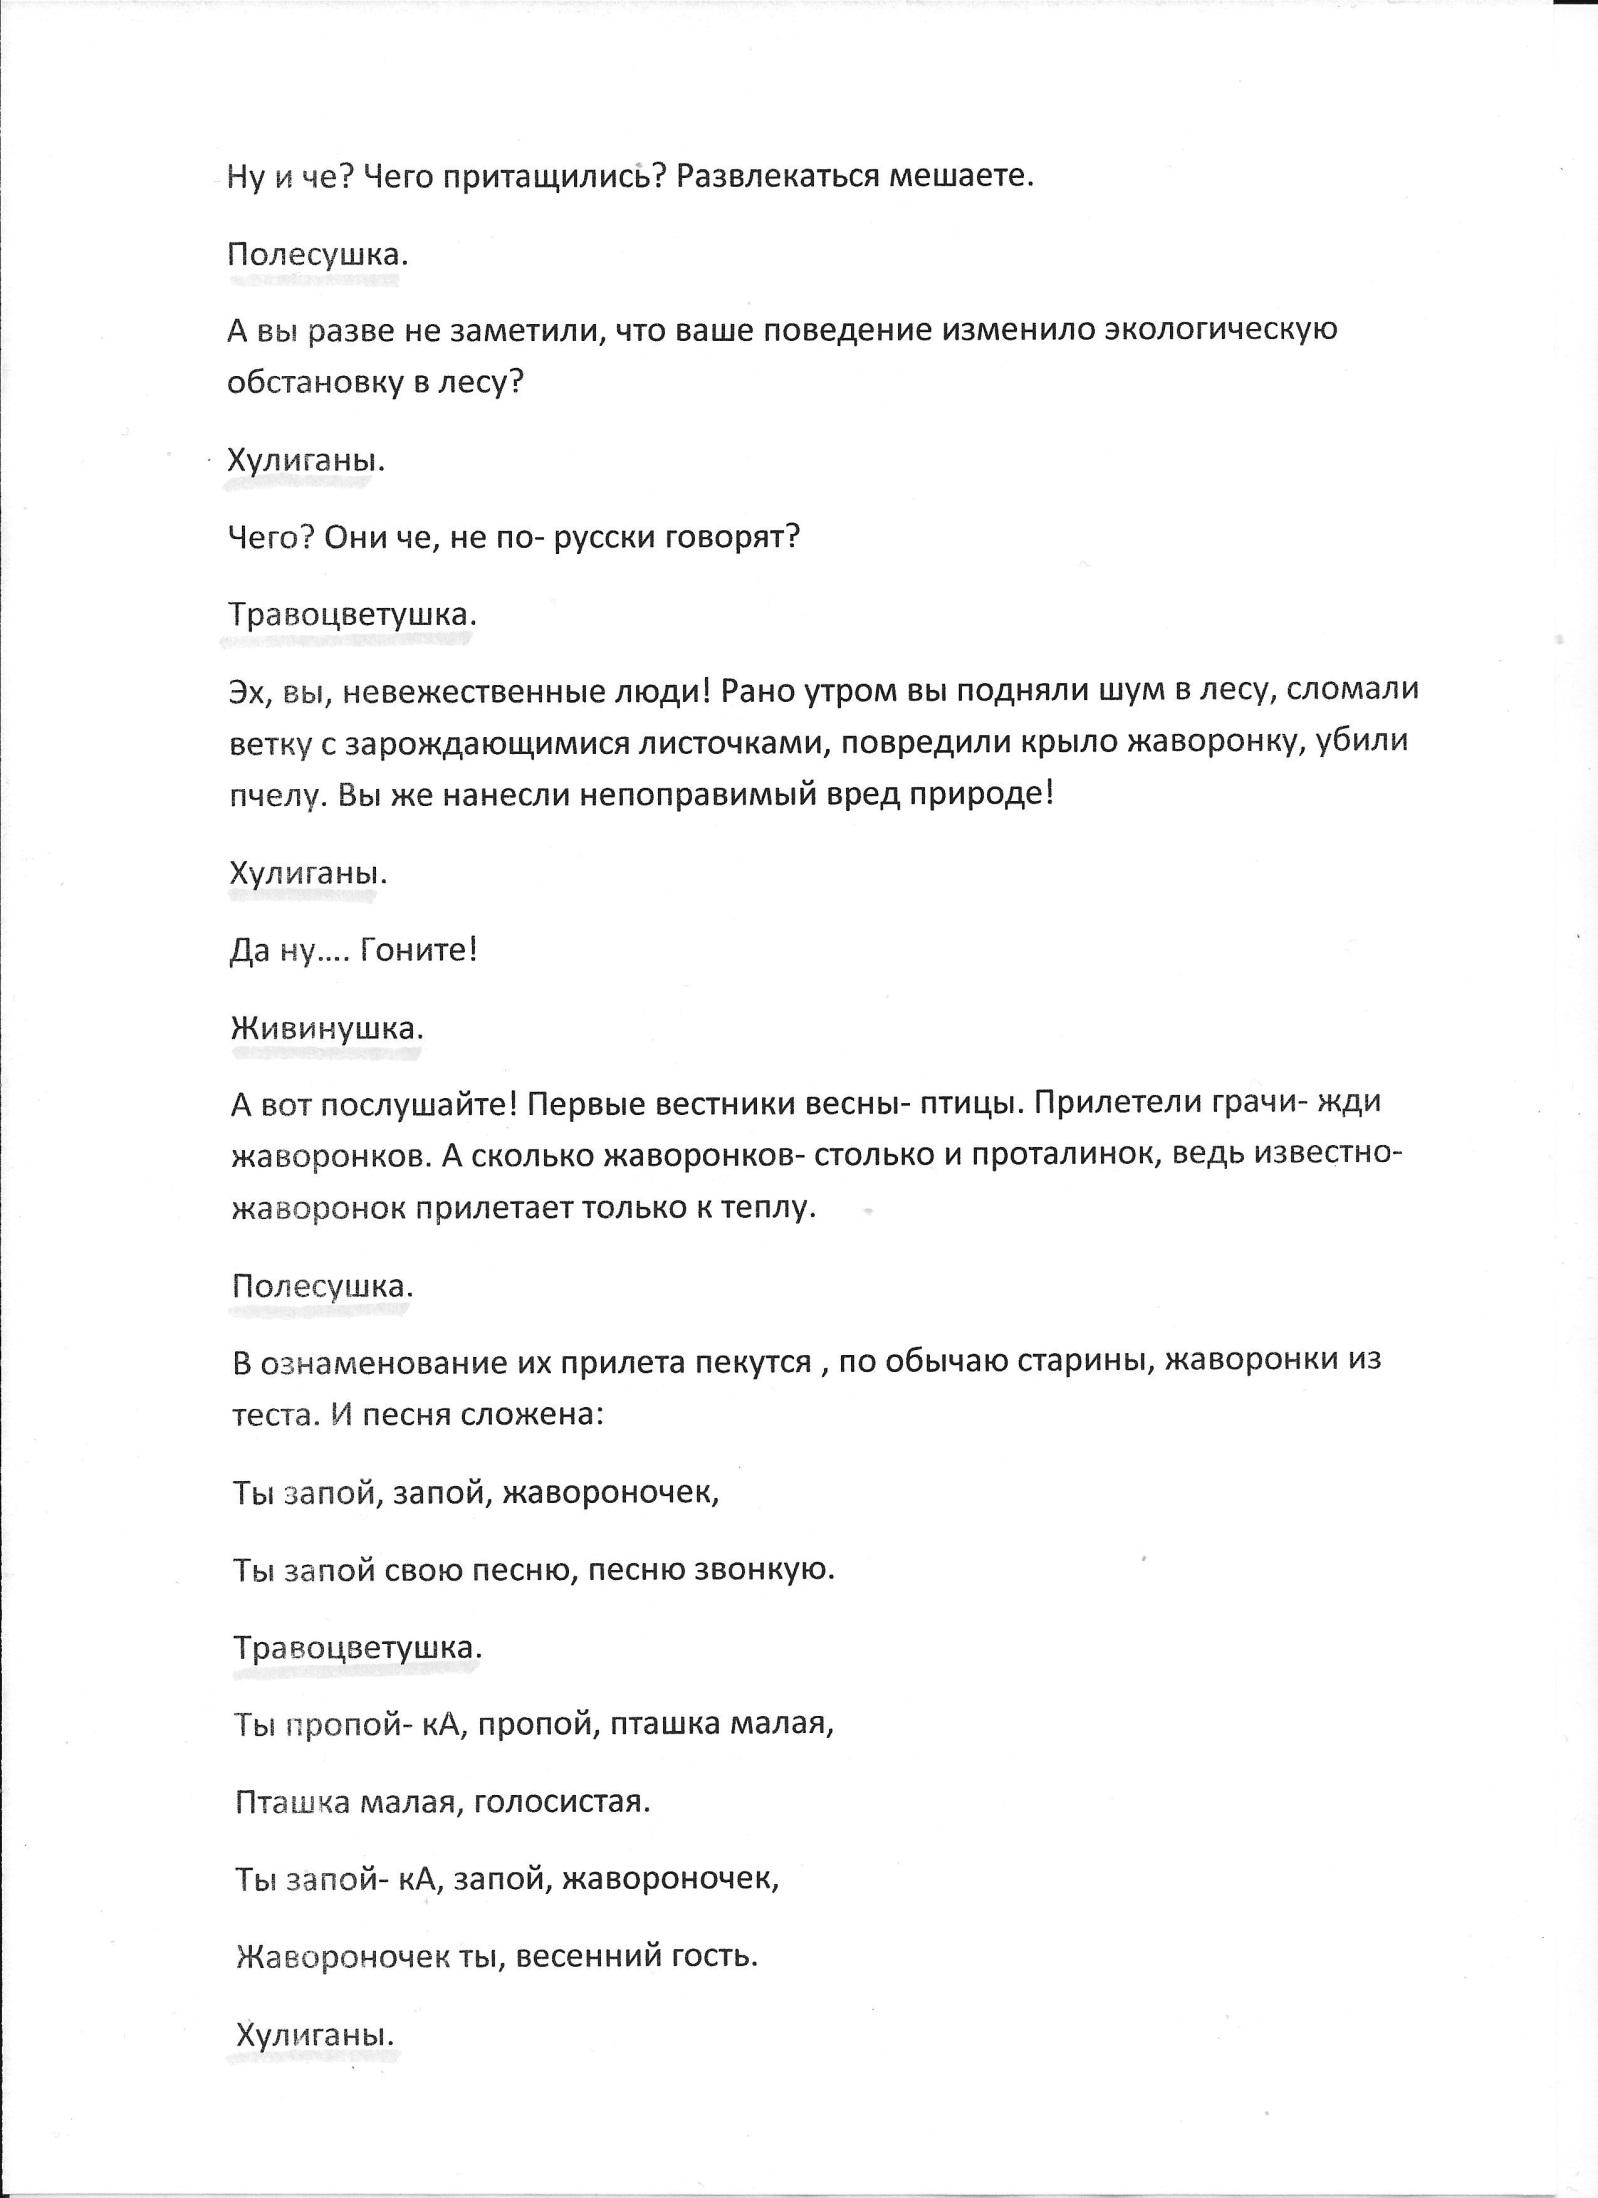 C:\Users\днс\Desktop\сканы сценариев Розовой\На экологическую тему\scan0003.jpg